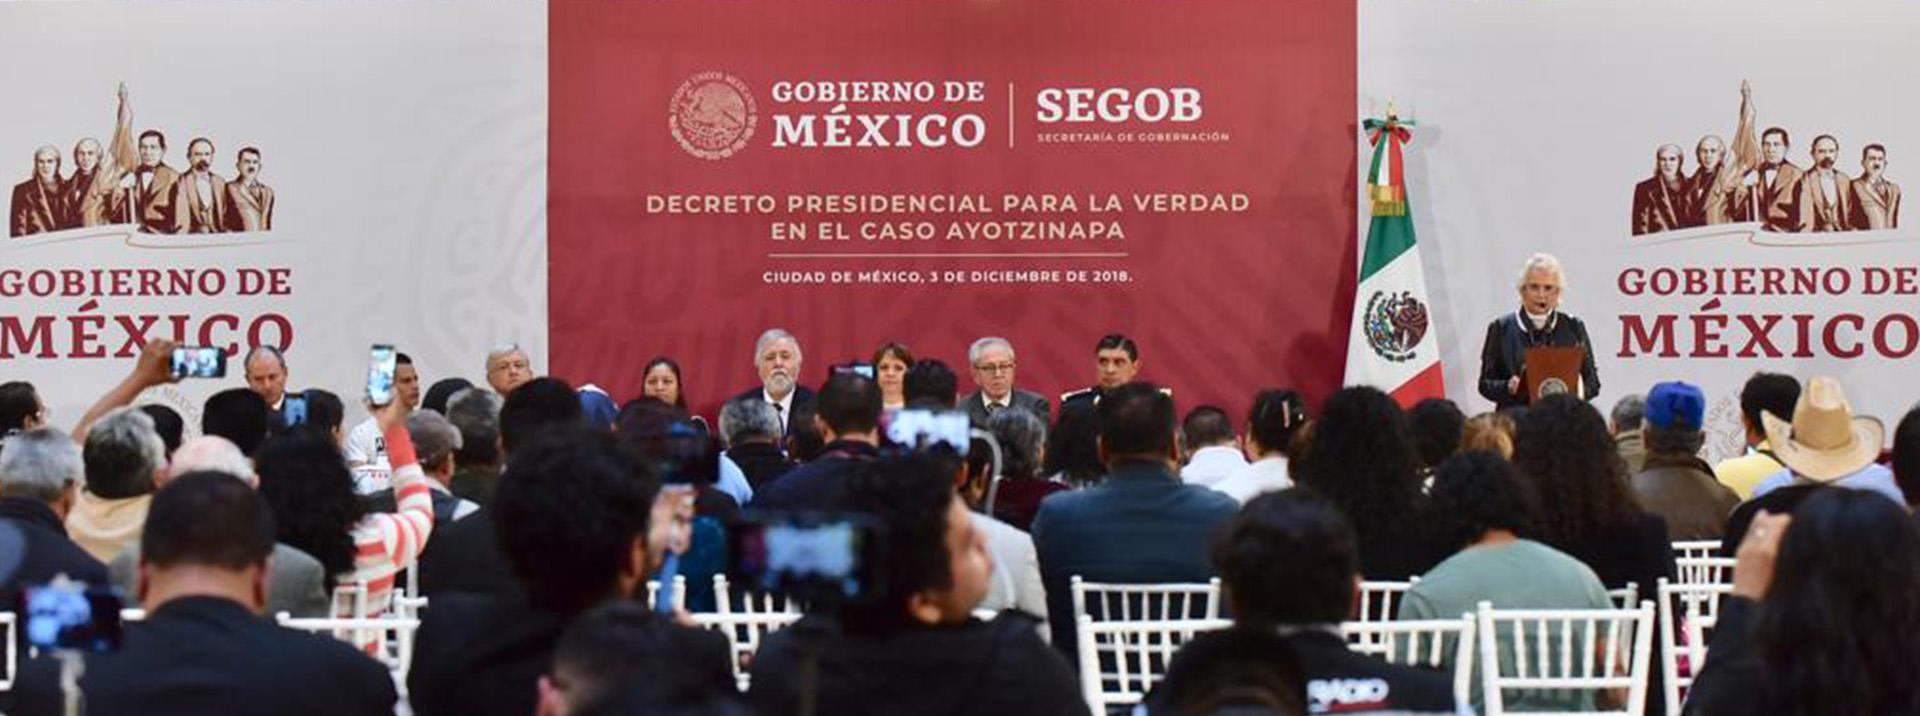 El decreto entrará en vigor un día después de su publicación en el Diario Oficial de la Federación (Foto: Presidencia de México)